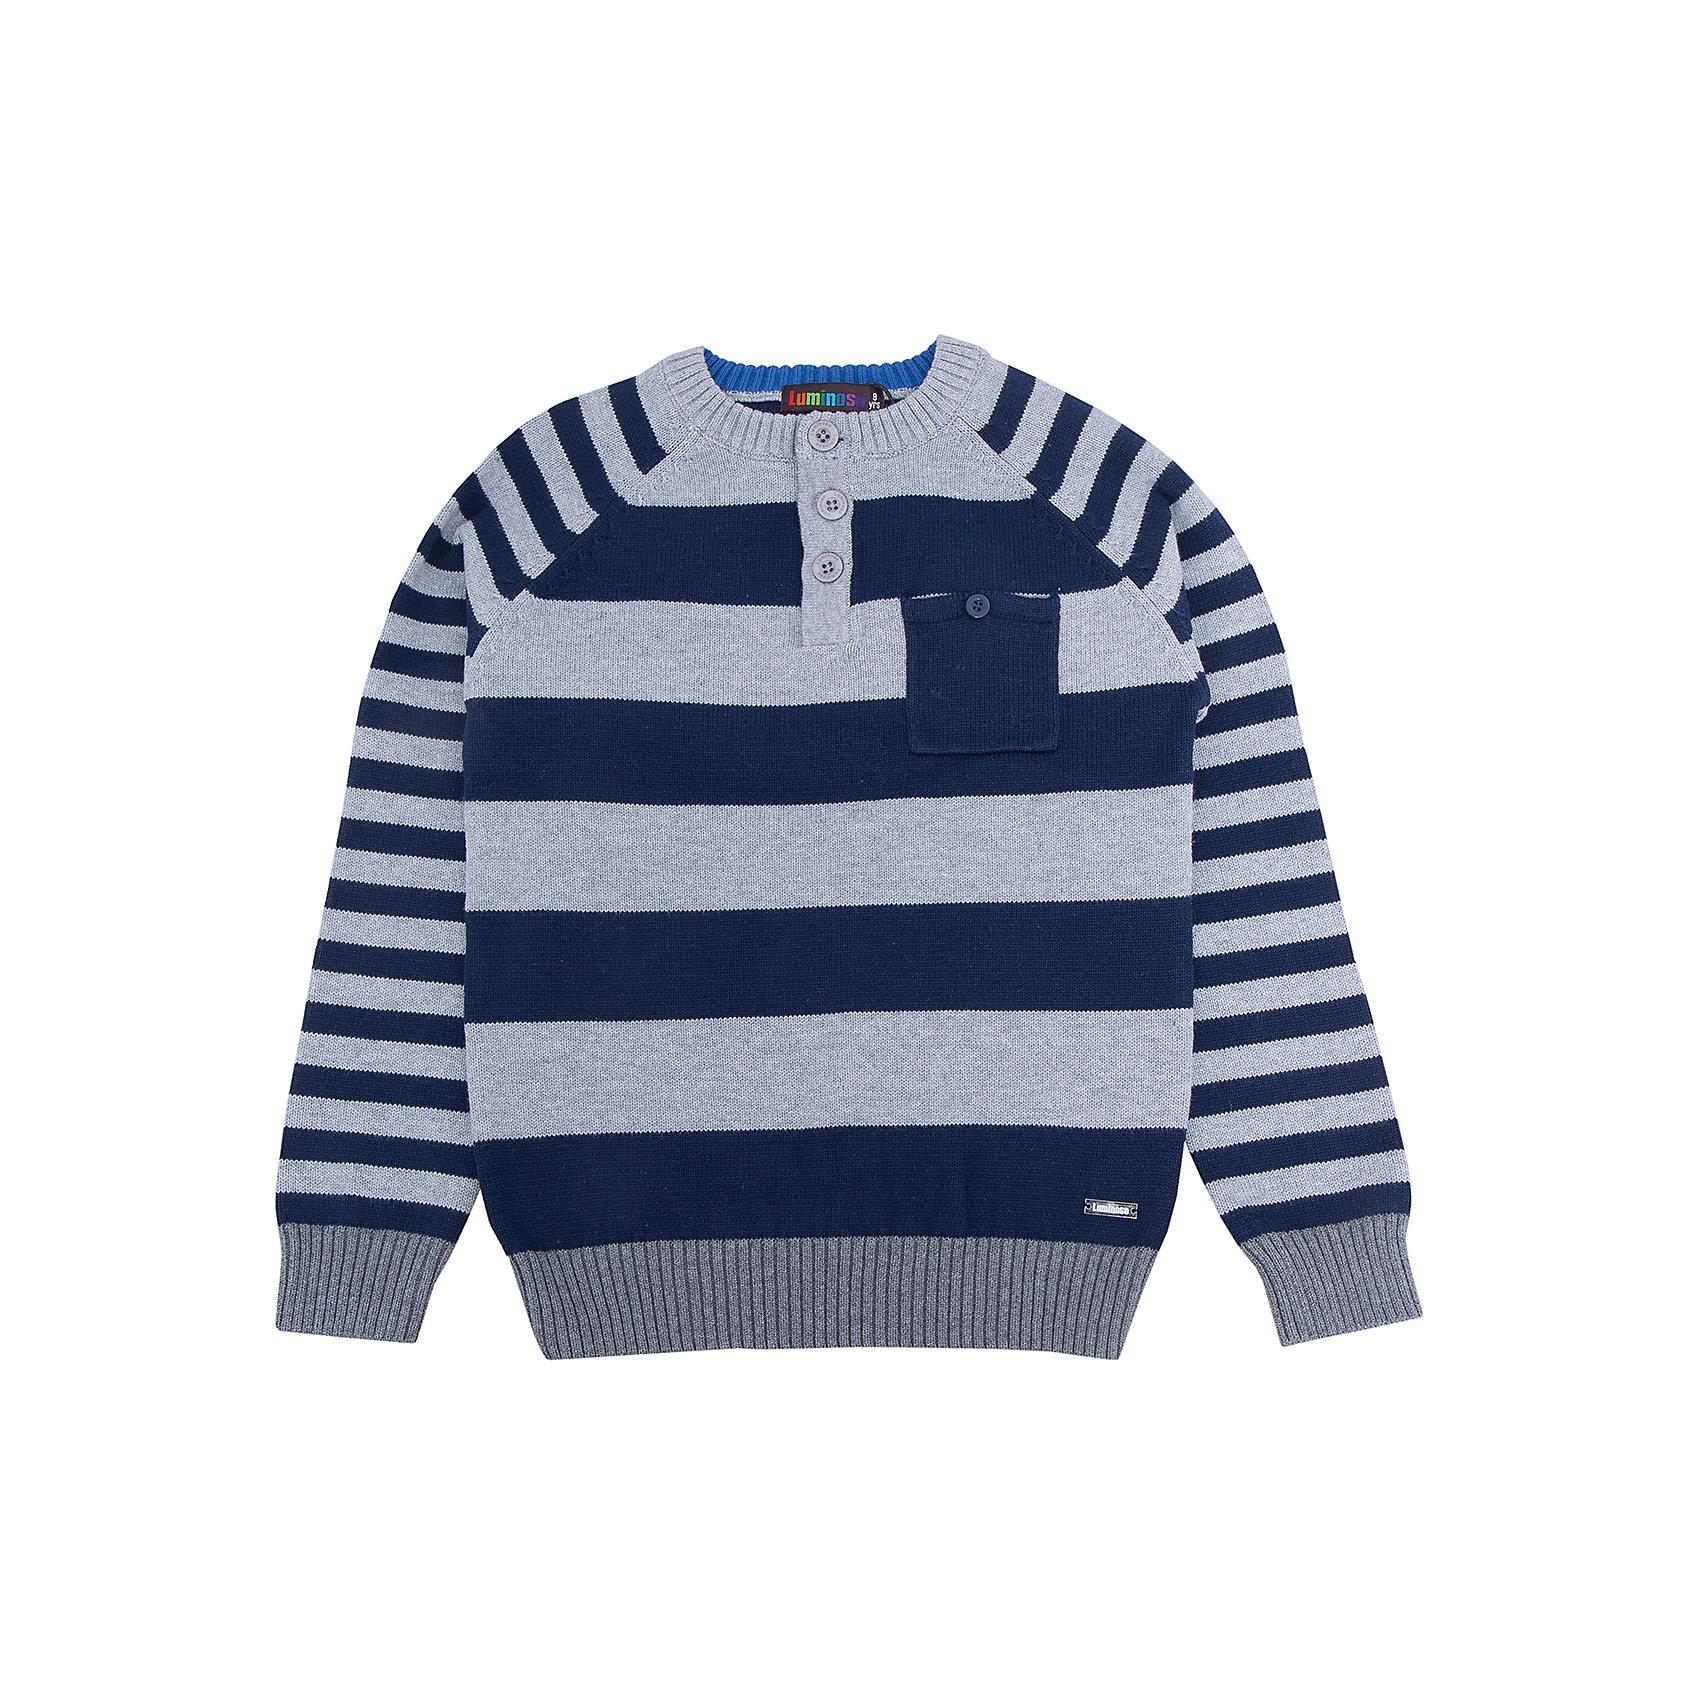 Свитер для мальчика LuminosoСвитера и кардиганы<br>Характеристики товара:<br><br>- цвет: серый;<br>- материал: 100% хлопок;<br>- застежка поло;<br>- резинка по низу и на рукавах;<br>- длинный рукав;<br>- в полоску;<br>- рукава реглан.<br><br>Стильная одежда от бренда Luminoso (Люминосо), созданная при участии итальянских дизайнеров, учитывает потребности подростков и последние веяния моды. Она удобная и модная.<br>Этот стильный свитер идеален для прохладной погоды. Он хорошо сидит на ребенке, обеспечивает комфорт и отлично сочетается с одежной разных стилей. Модель отличается высоким качеством материала и продуманным дизайном.<br><br>Свитер для мальчика от бренда Luminoso (Люминосо) можно купить в нашем интернет-магазине.<br><br>Ширина мм: 190<br>Глубина мм: 74<br>Высота мм: 229<br>Вес г: 236<br>Цвет: серый<br>Возраст от месяцев: 108<br>Возраст до месяцев: 120<br>Пол: Мужской<br>Возраст: Детский<br>Размер: 140,164,134,146,152,158<br>SKU: 4930823